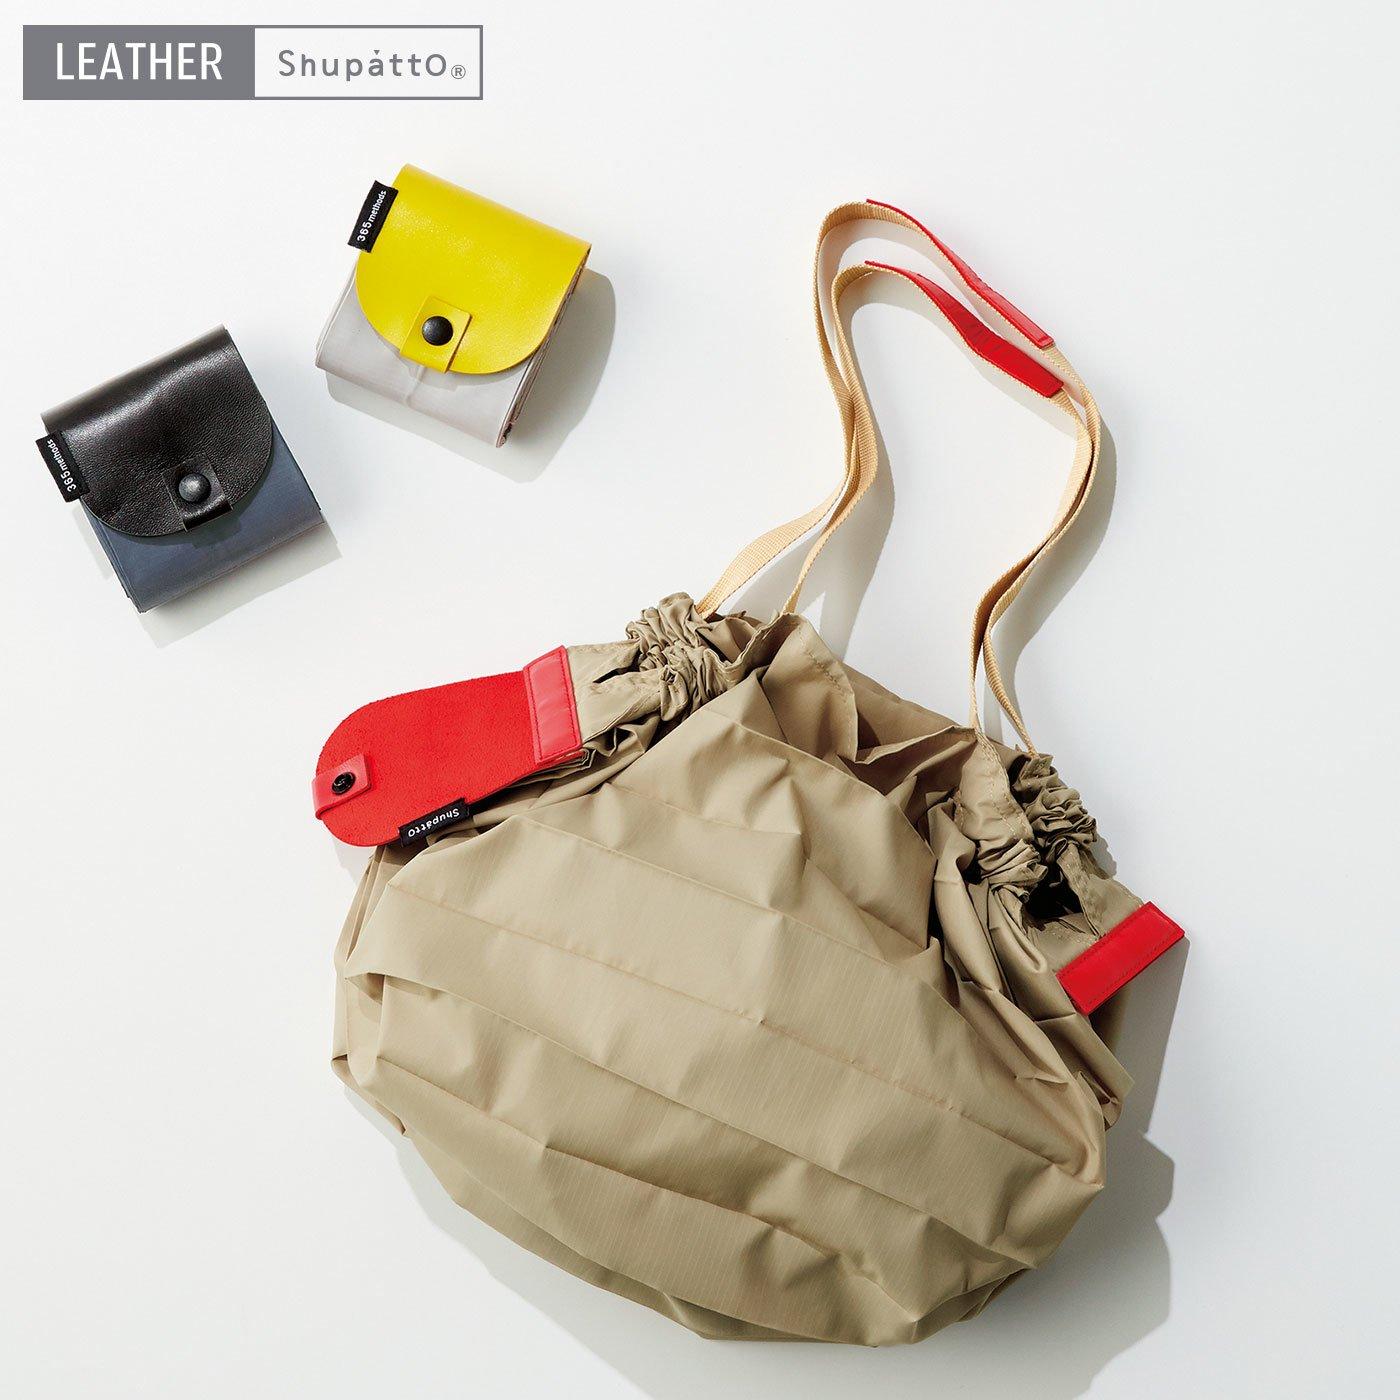 とにかく簡単!! コンパクト折りたたみ携帯バッグ レザーシュパットMサイズ